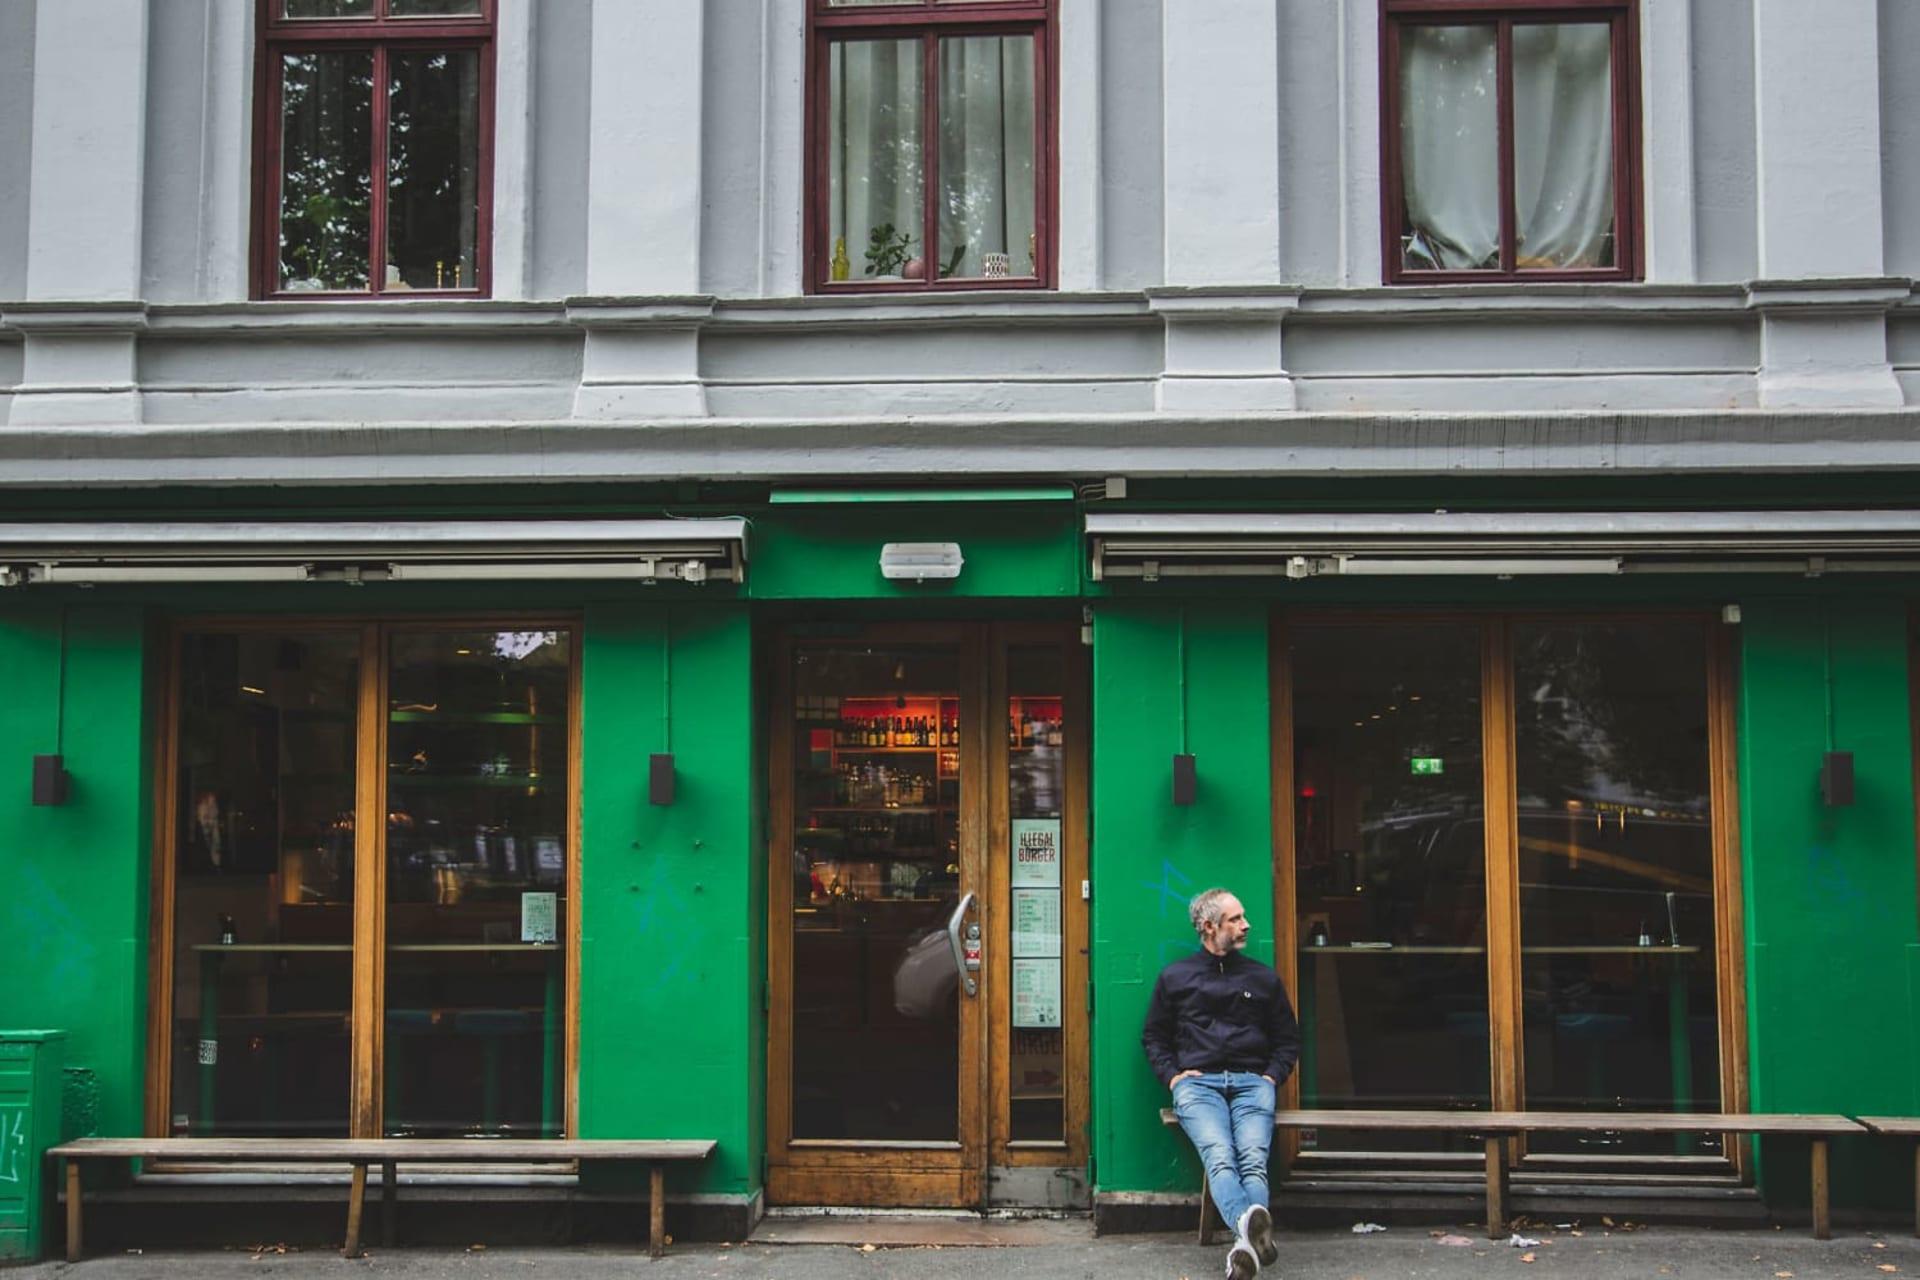 TILBAKE TIL BEGYNNELSEN: Det var innenfor disse dørene eventyret cut-e startet, med Espen Skorstad og Rudi Myrvang på Grünerløkka sin eneste nettkafé, som i dag har blitt til burgersjappa Illegal Burger.